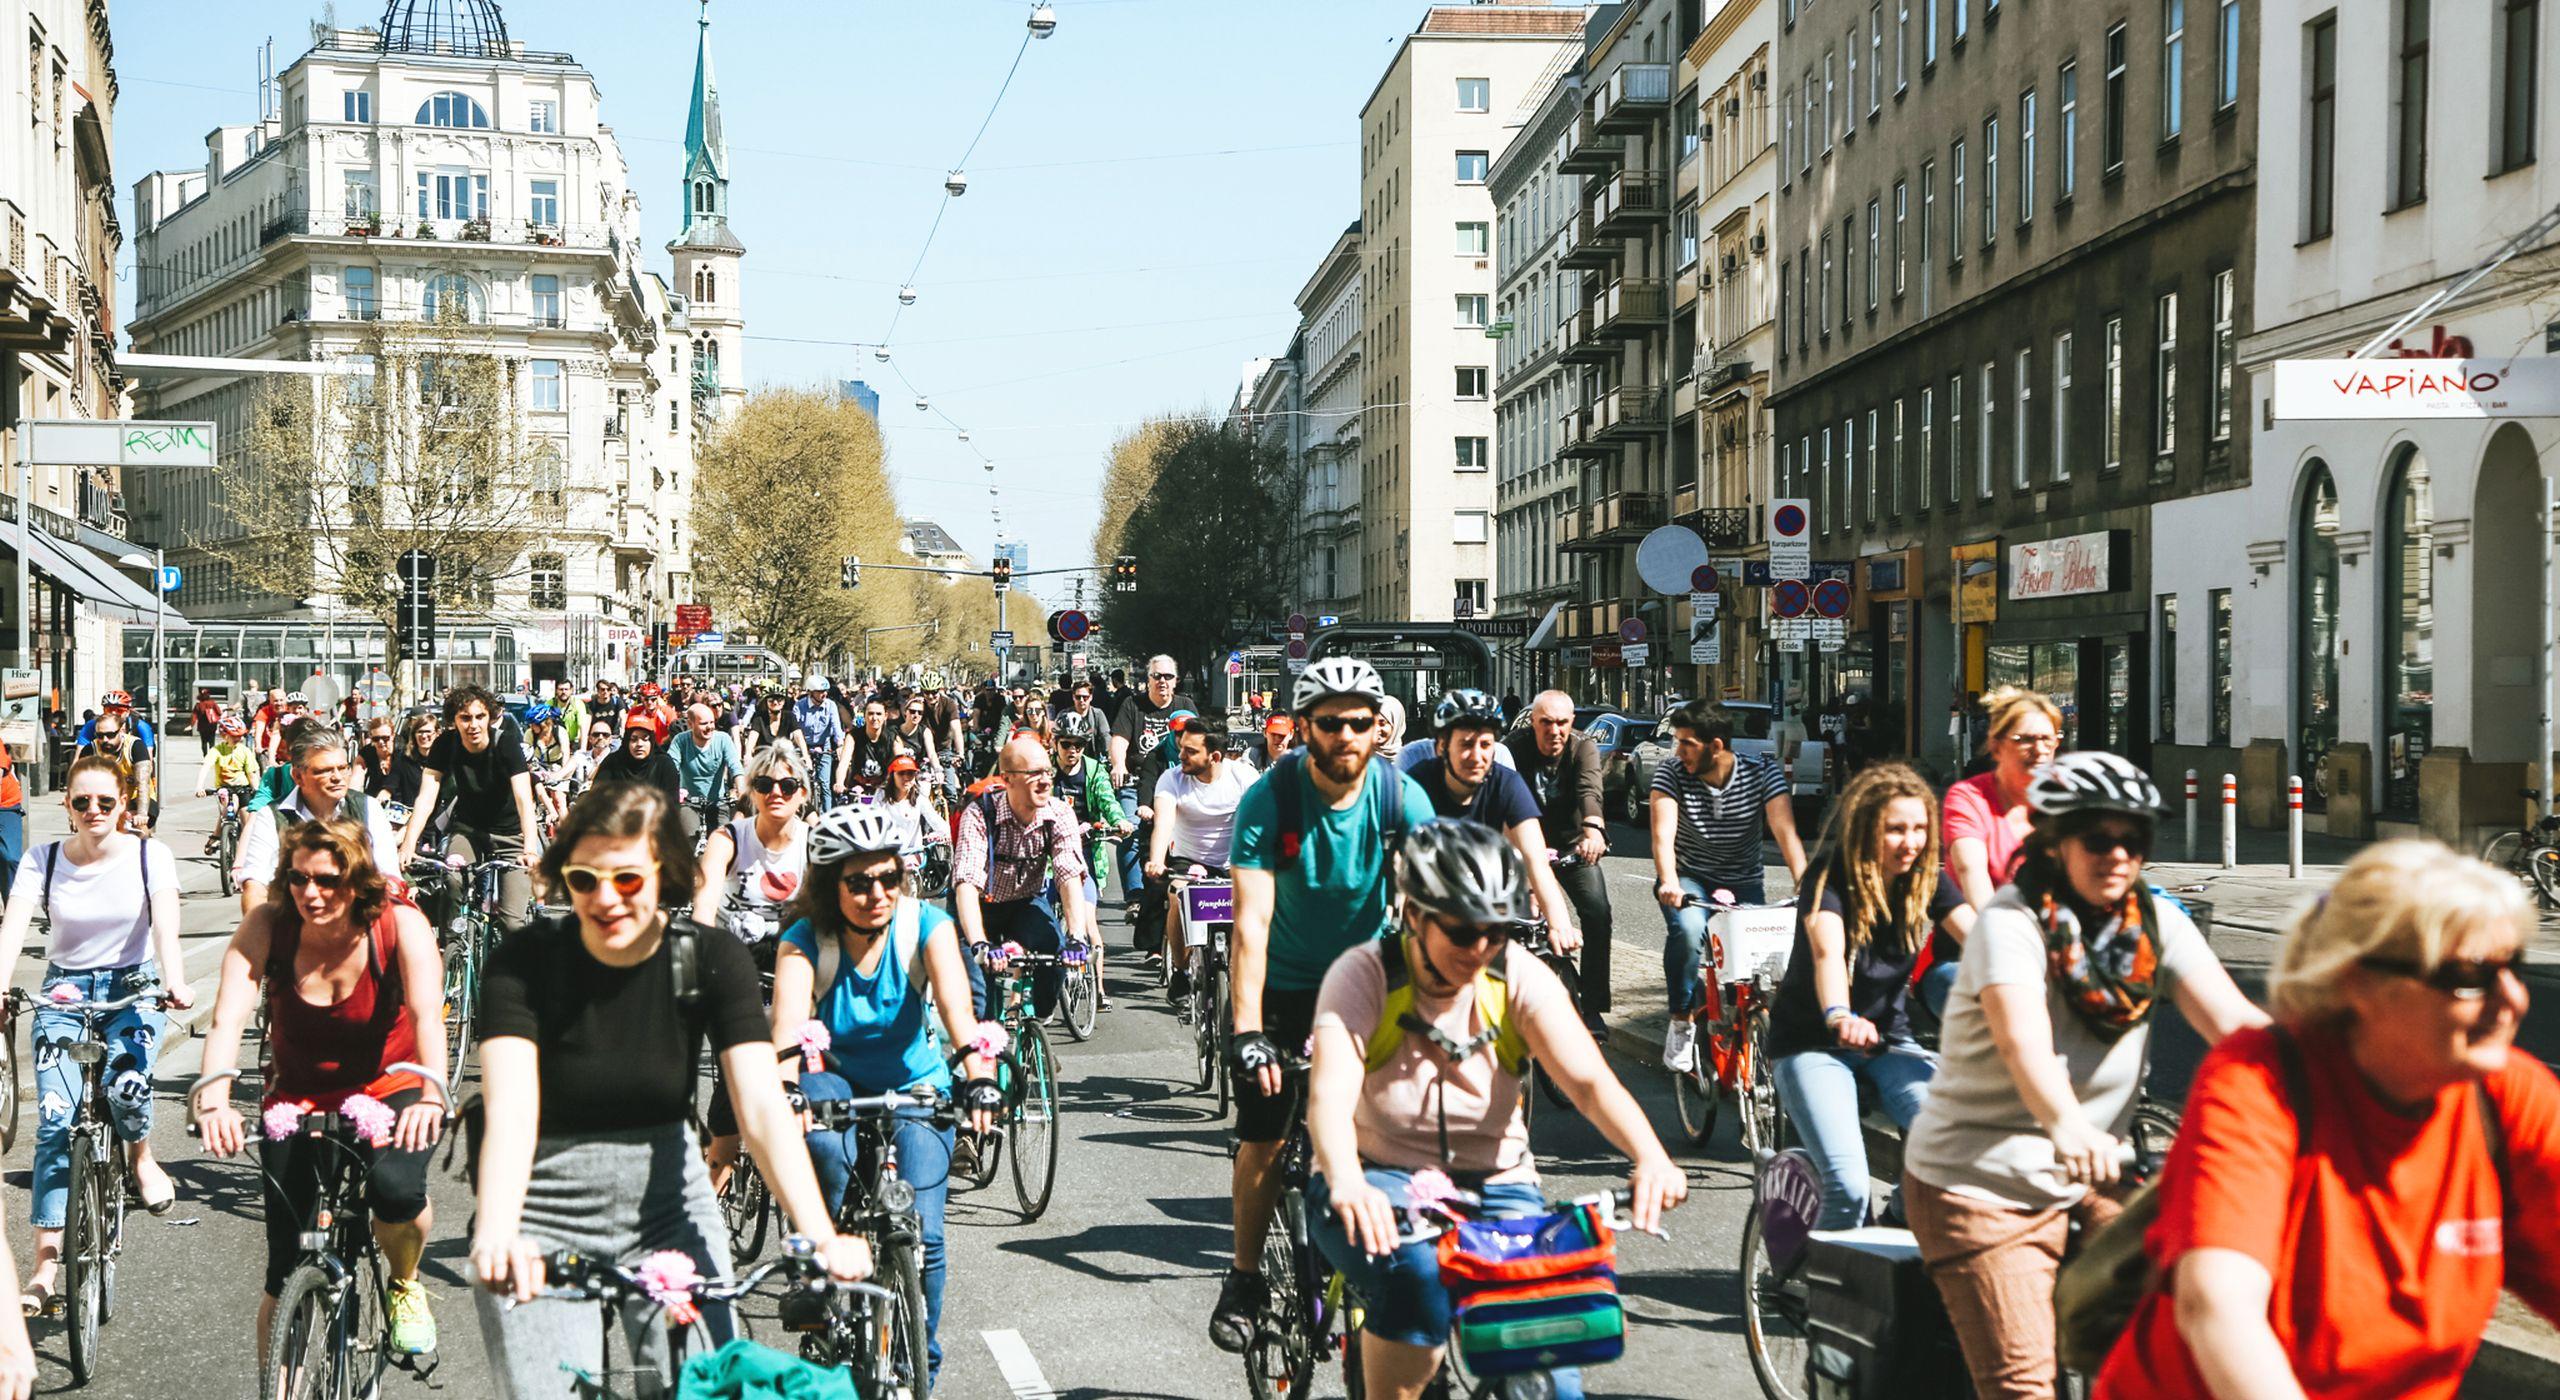 Bei der Radparade fahren jährlich tausende Menschen gemeinsam mit dem Fahrrad durch Wien. Alte, junge, dünne, dicke ... bei der Radparade ist jede und jeder willkommen. Foto: Christian Fürthner